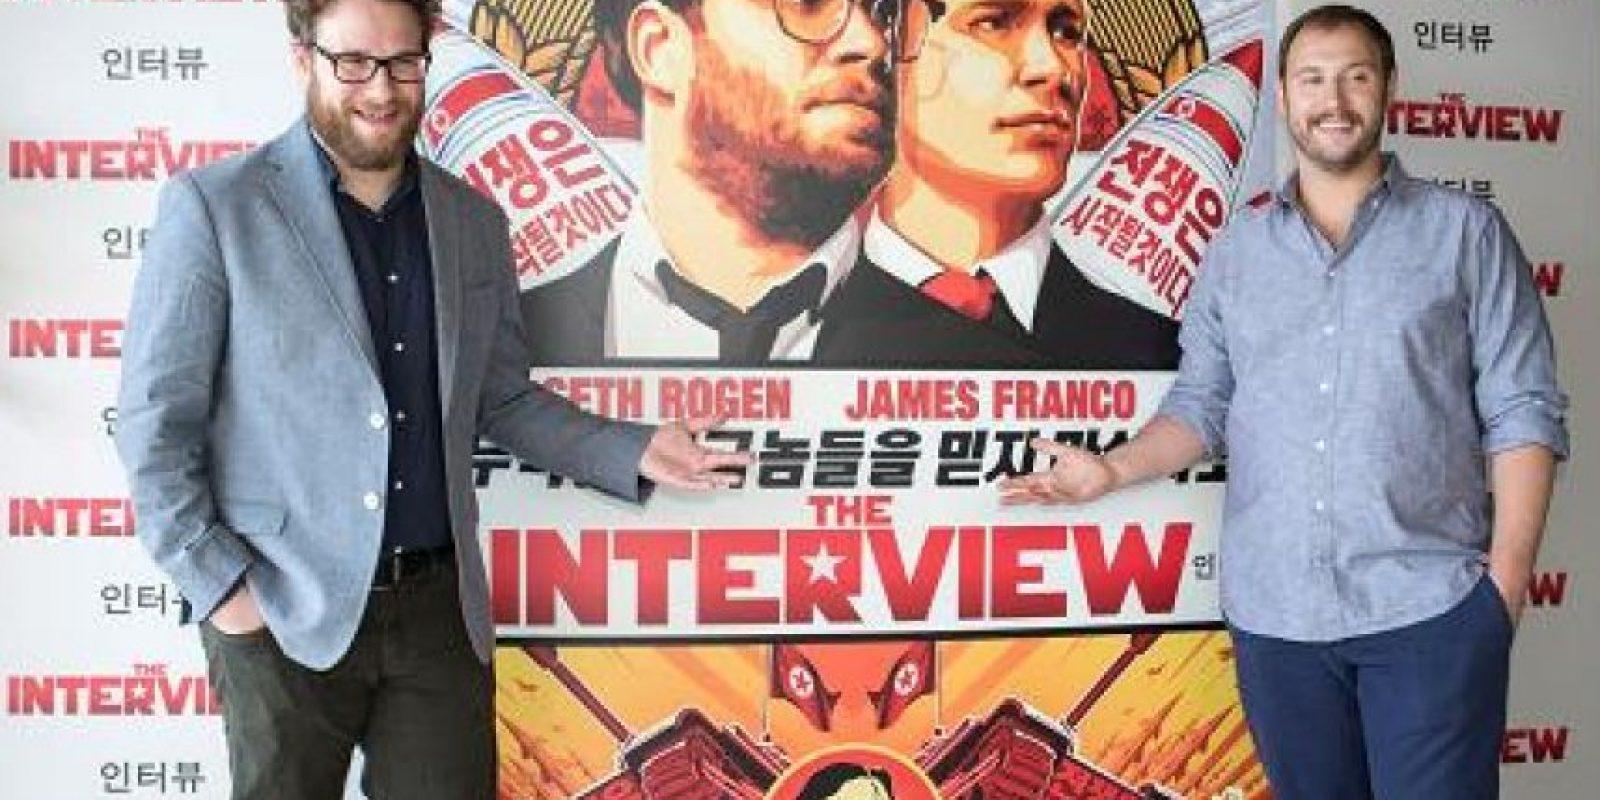 La controvertida película 'The Interview' ha recaudado más de 31 millones de dólares desde su lanzamiento en diciembre en las plataformas digitales